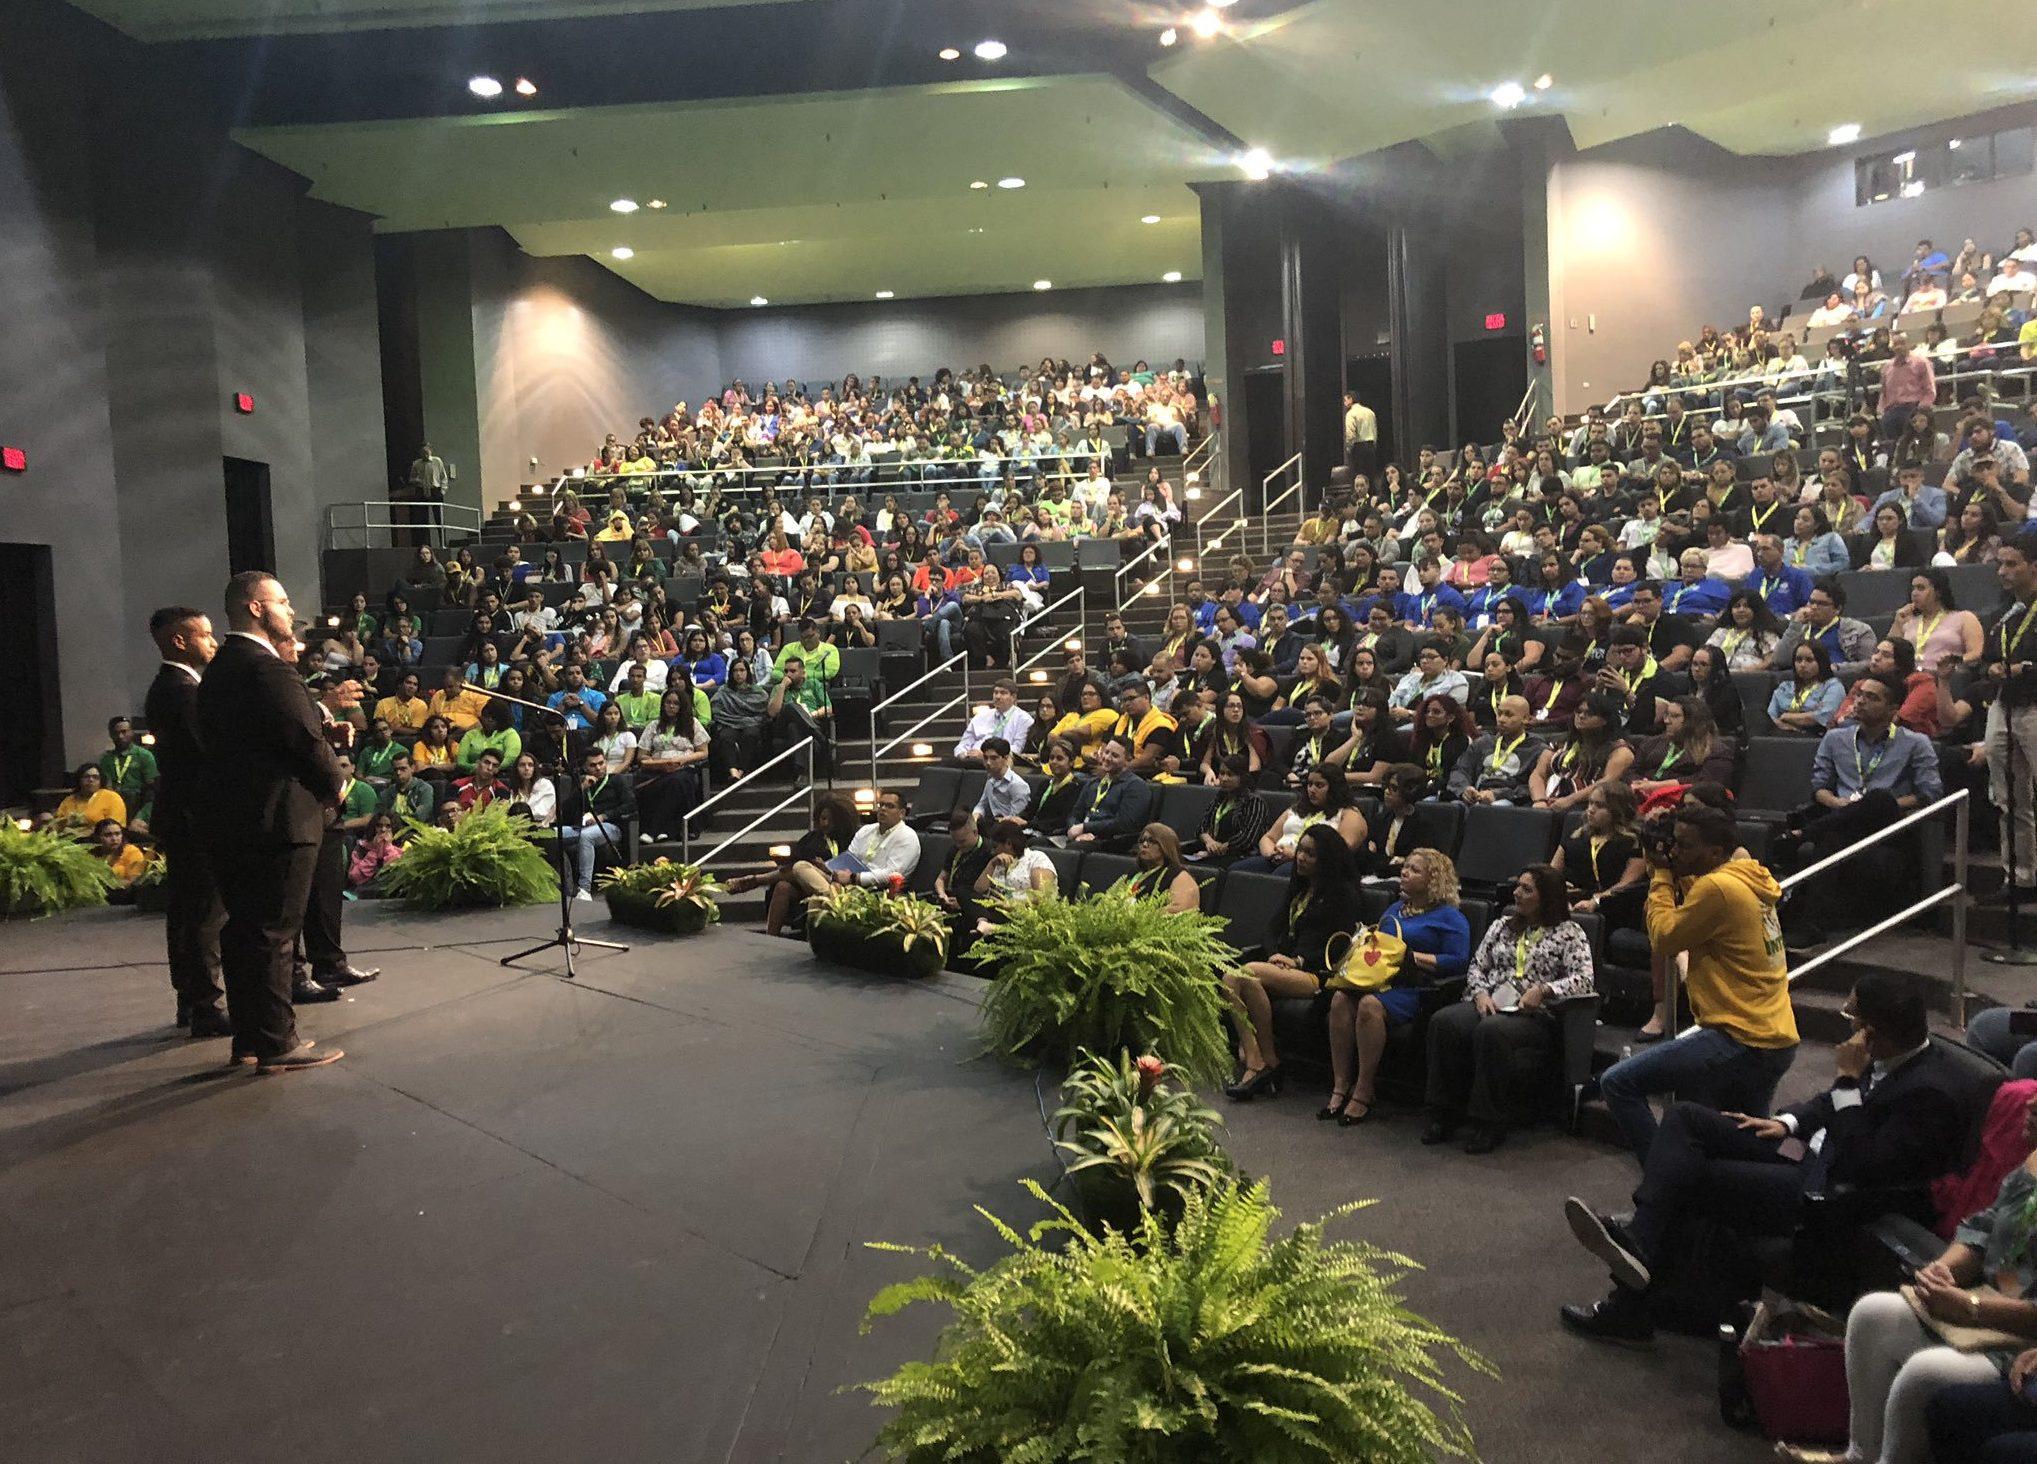 Por sexto año consecutivo, se celebra el HETS Student Leadership Showcase con casa llena.